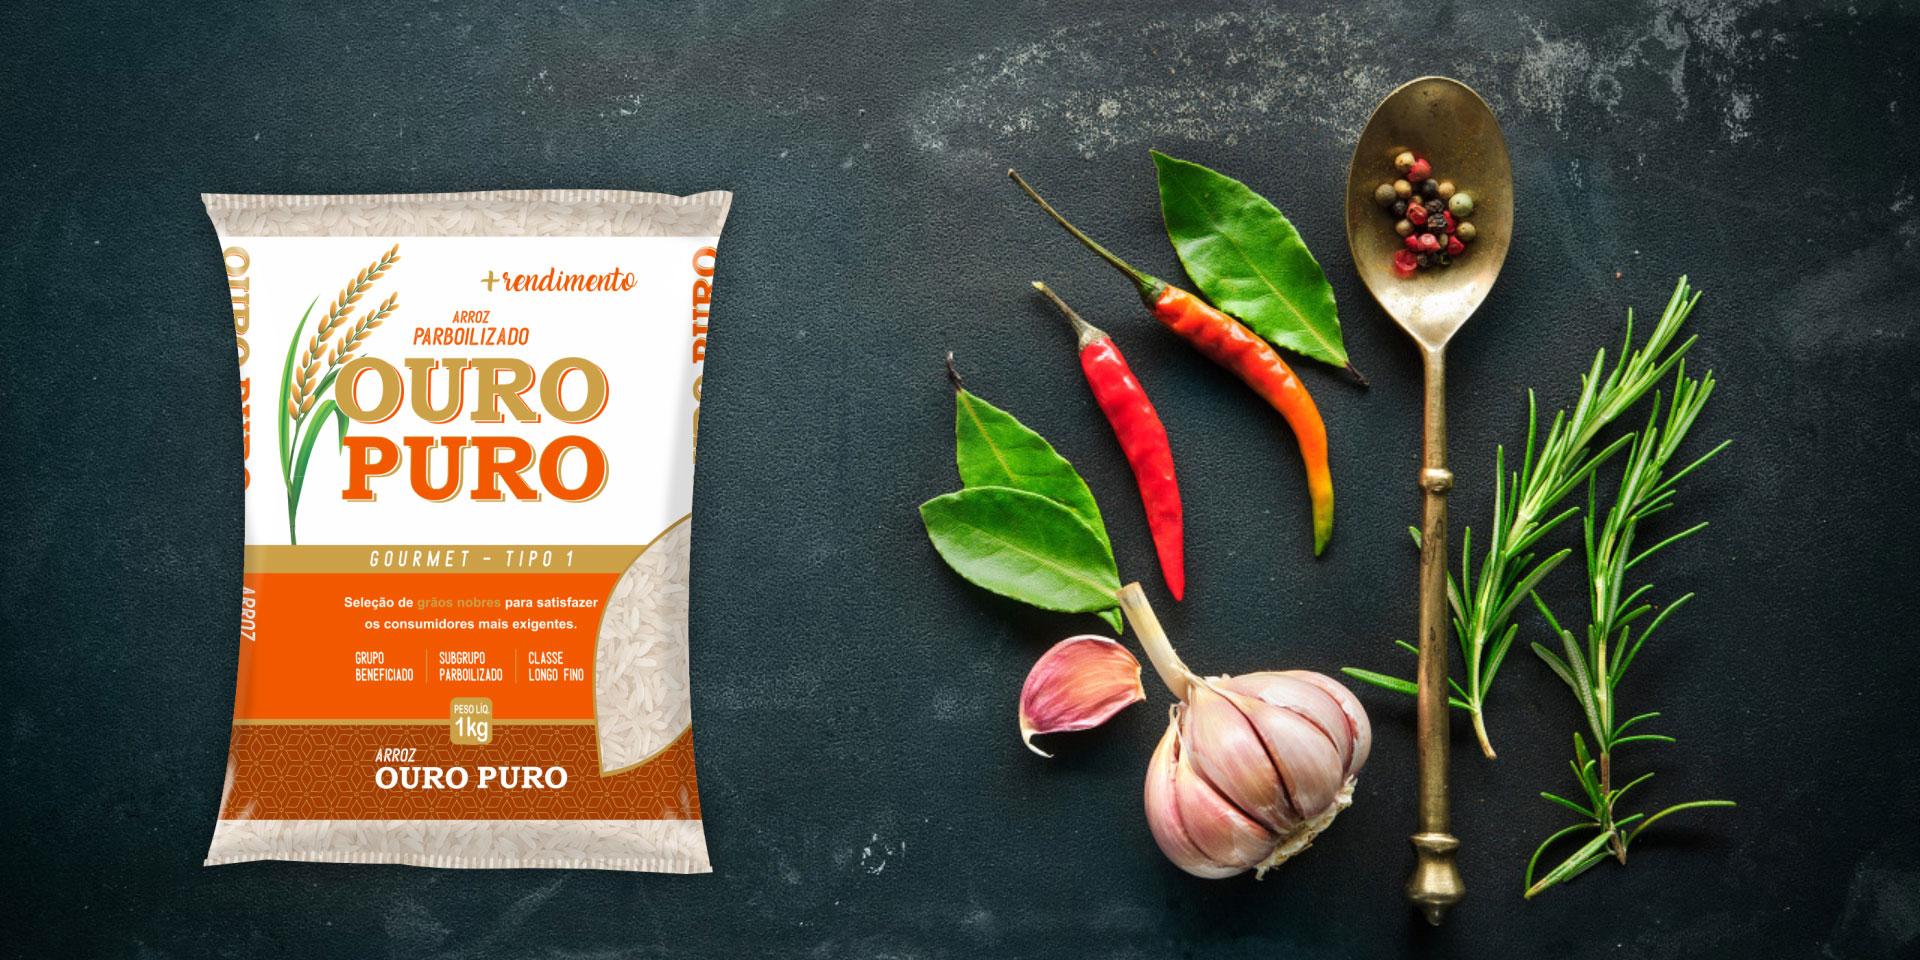 Imagem de fundo mostra as embalagens do arroz Parboilizado Ouro Puro, pimentas, alho e uma colher